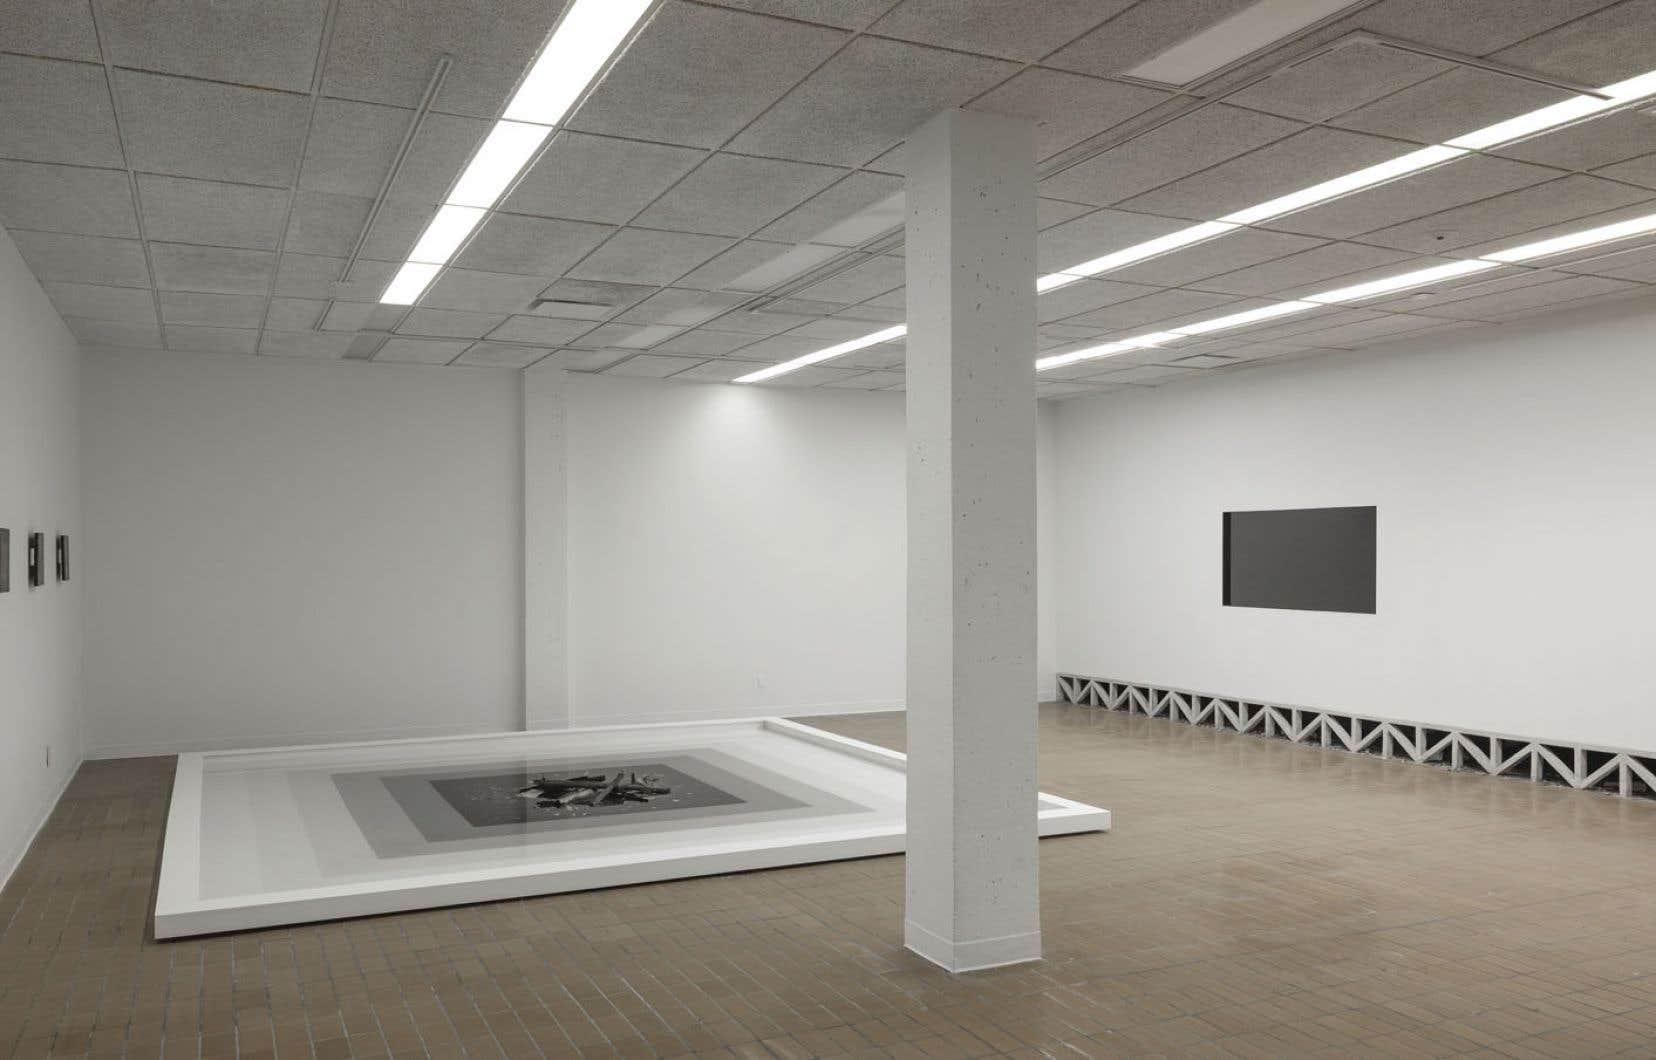 Au sol repose l'élément le plus imposant de Ce qu'il reste du monde : un bassin d'eau de format carré qui s'apparente, si on le mettait à la verticale, à une précédente peinture de l'artiste.